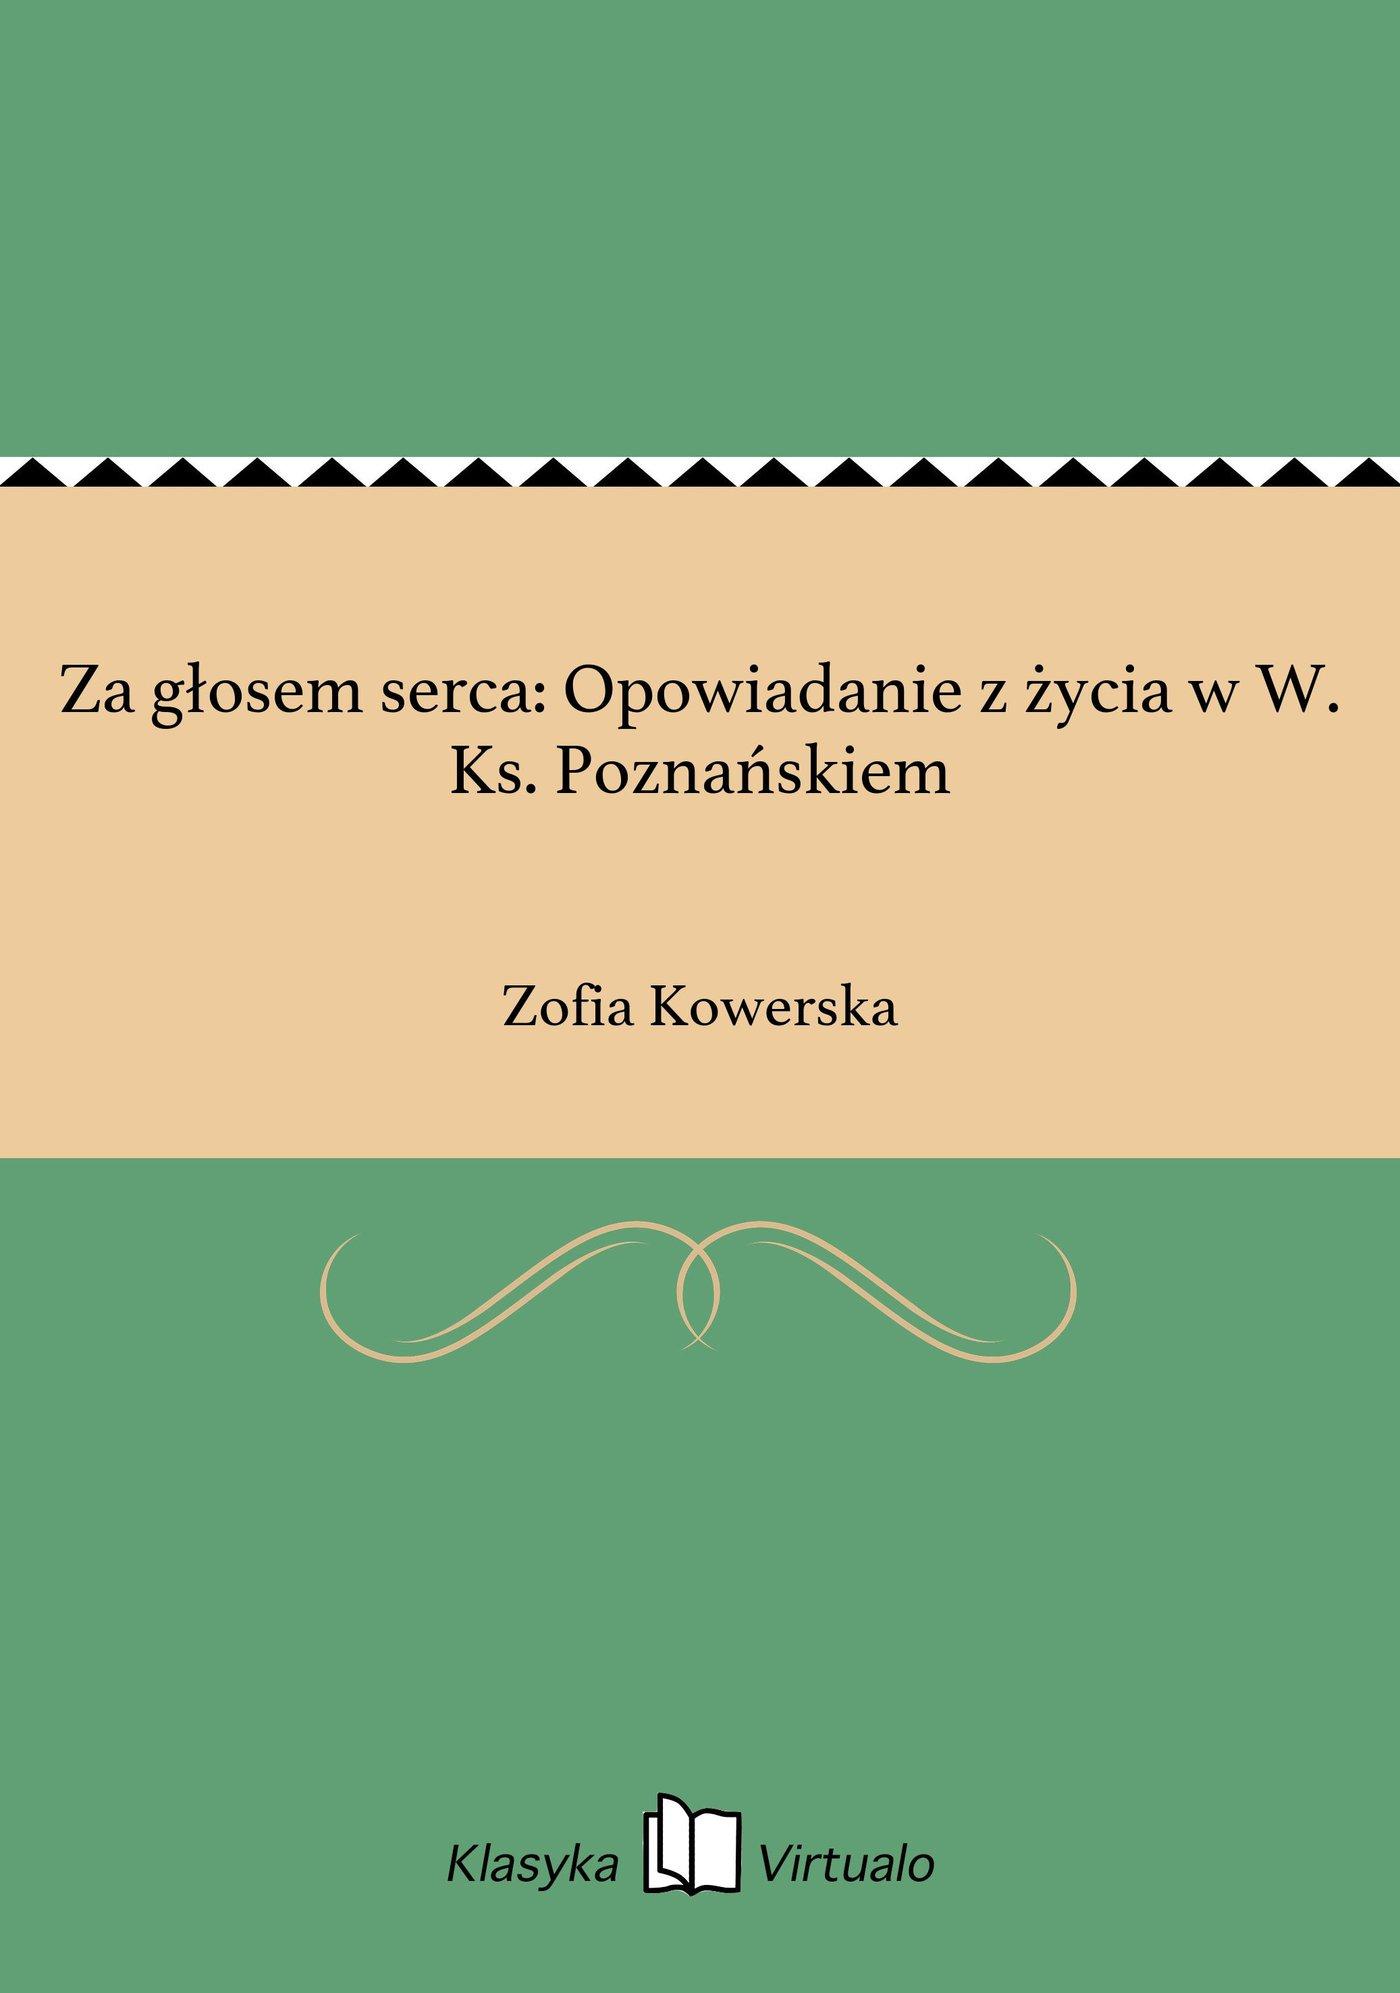 Za głosem serca: Opowiadanie z życia w W. Ks. Poznańskiem - Ebook (Książka EPUB) do pobrania w formacie EPUB